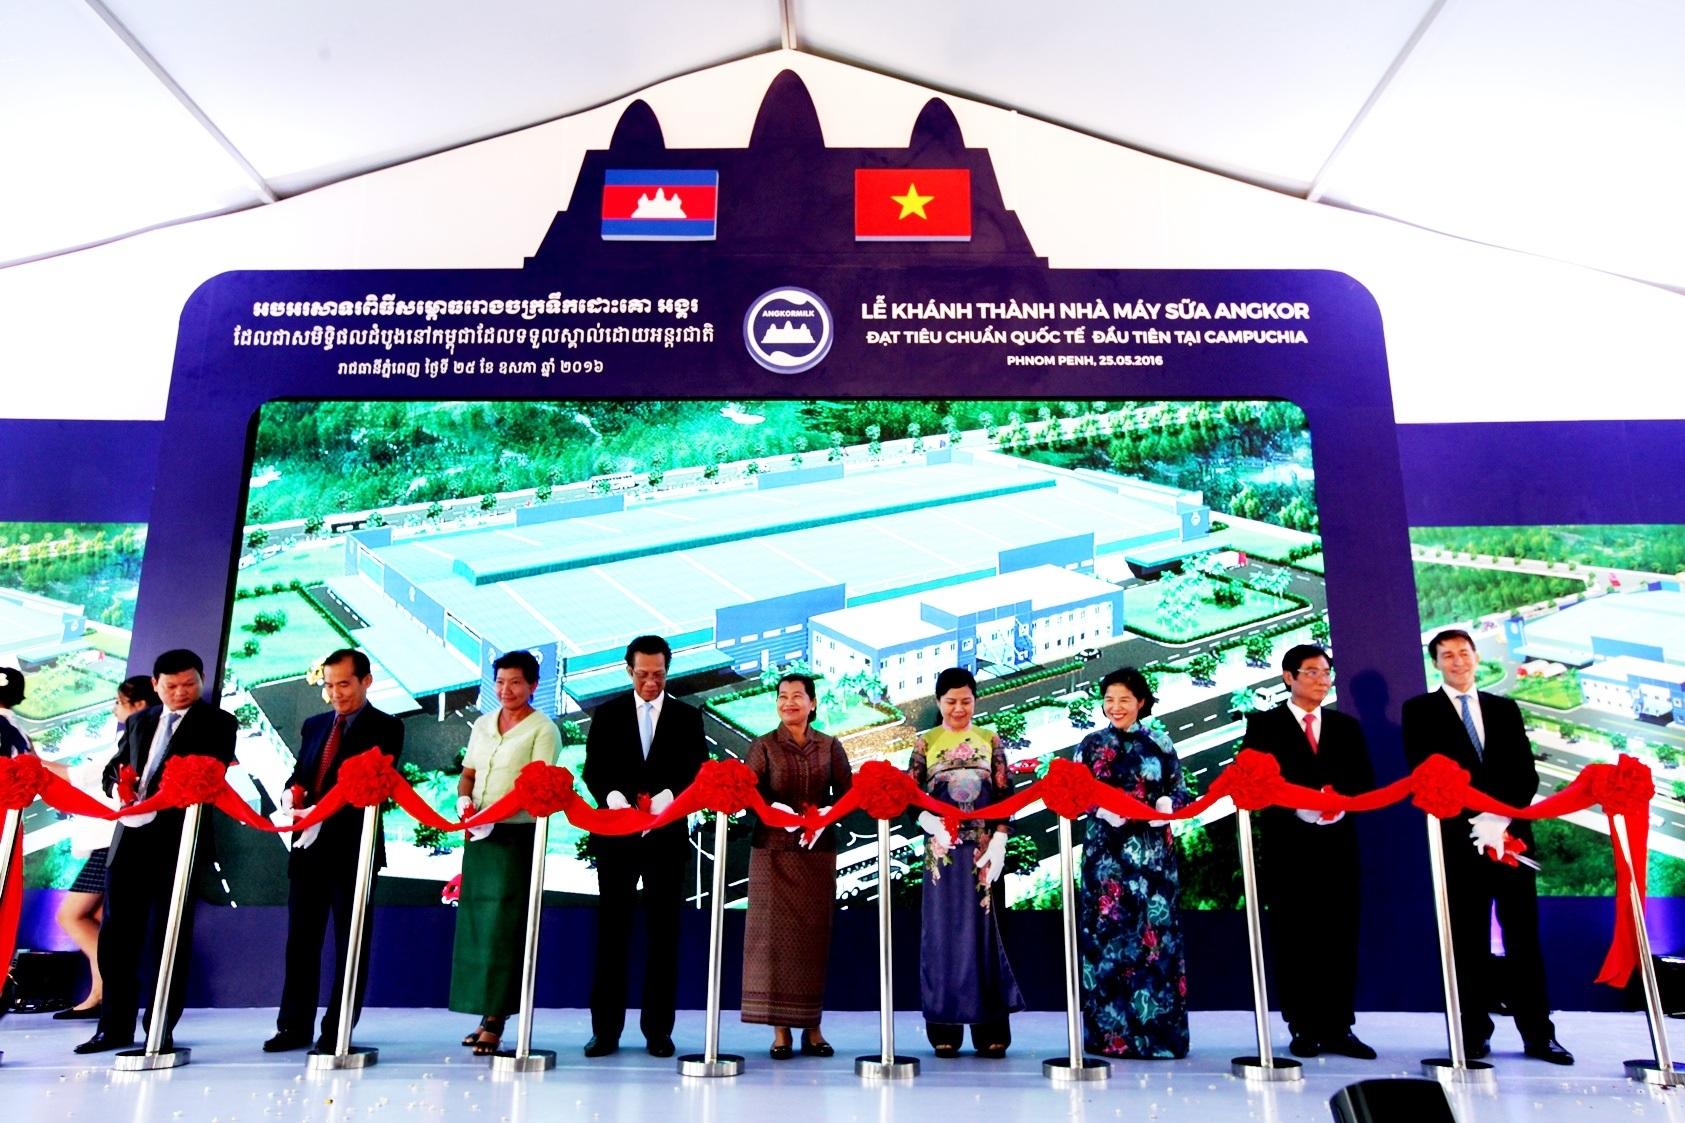 Bà Men Sam On, Phó Thủ tướng Chính phủ Campuchia cùng lãnh đạo nhiều cơ quan, ban ngành của Campuchia và Việt Nam cắt băng khánh thành nhà máy sữa Angkor – nhà máy sữa chuẩn quốc tế đầu tiên và duy nhất tại Campuchia.